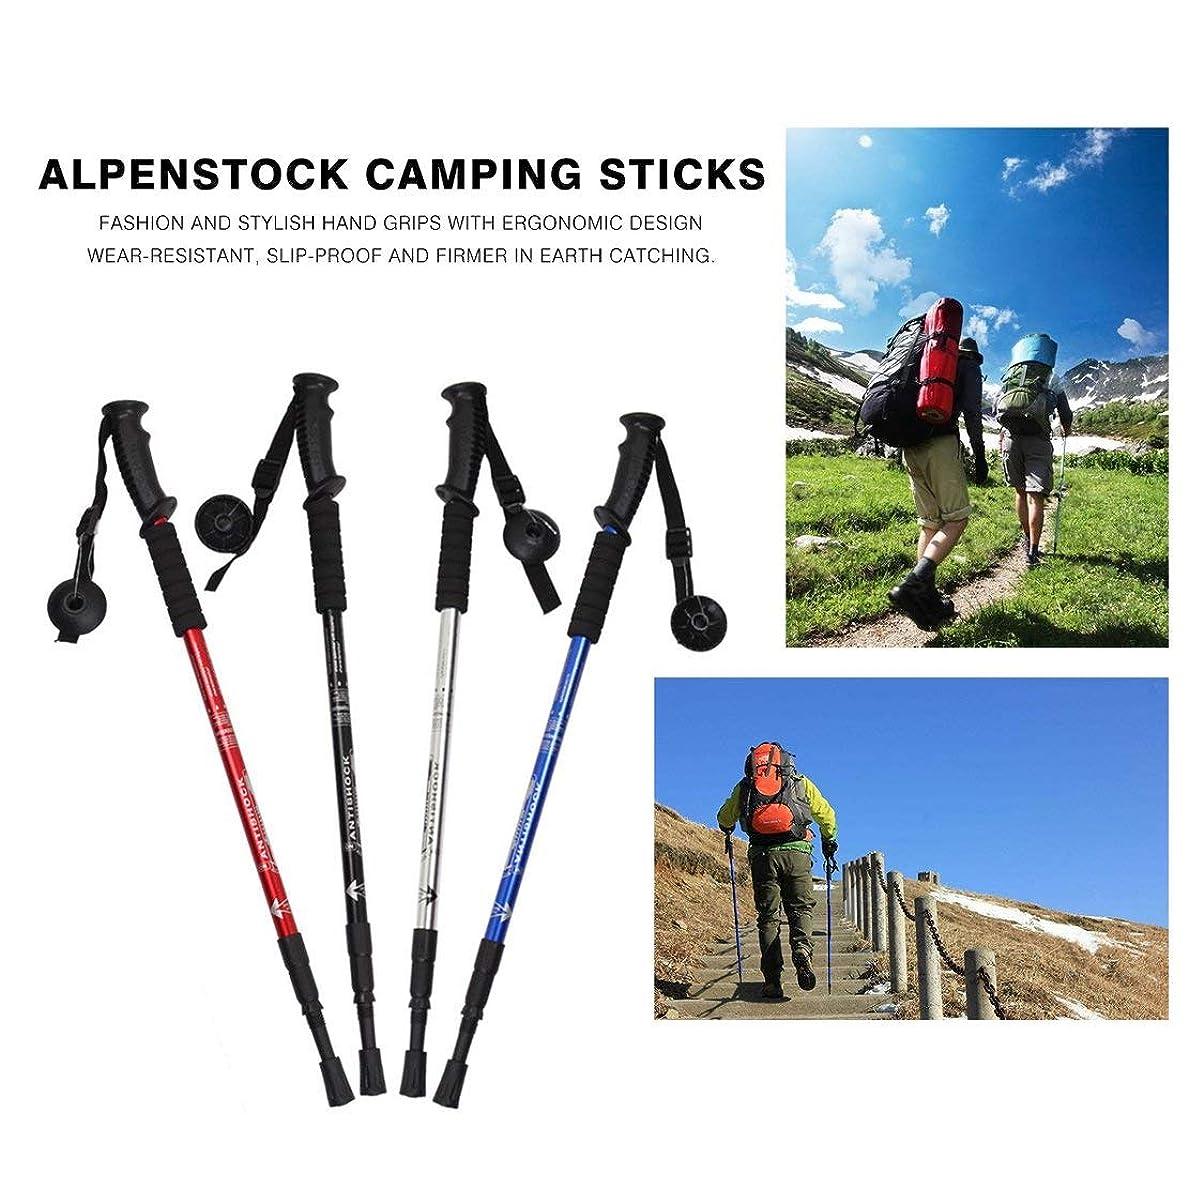 してはいけません喜劇オーバーヘッドAlpenstocks 3セクション調整可能なアルミ合金の杖超軽量ポールウォーキングキャンプハイキングトレッキングスティックプラスチック製のハンドル